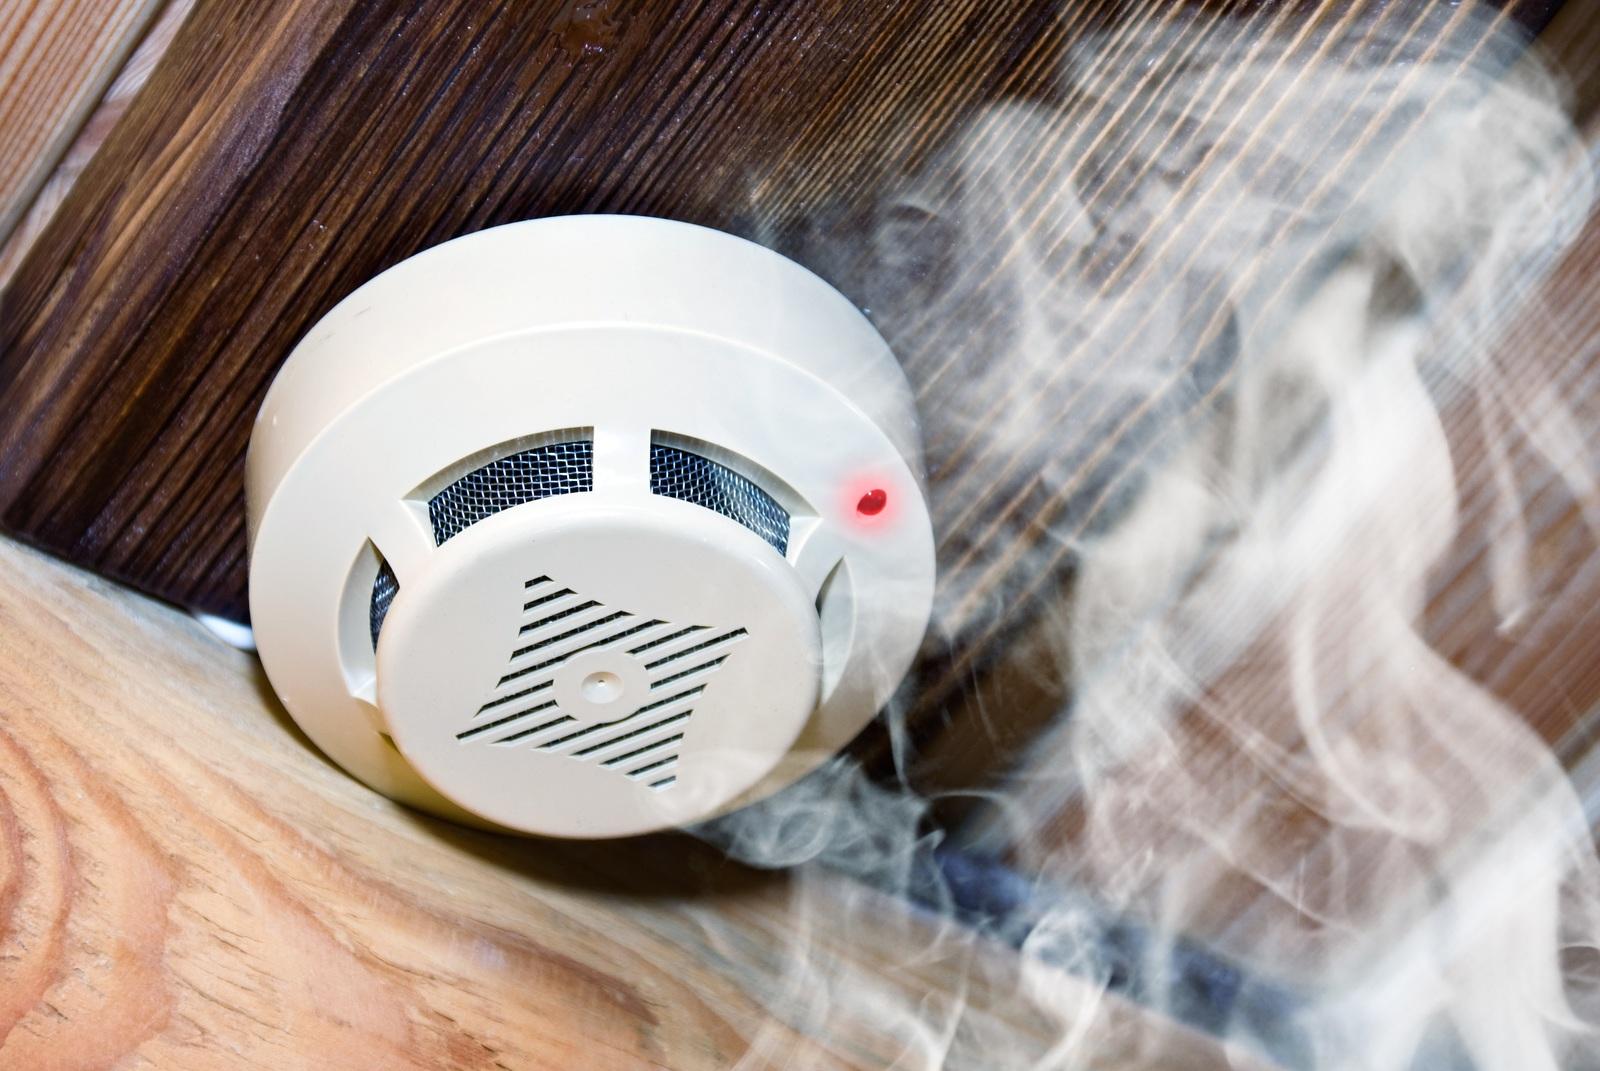 Неадресные дымовые пожарные извещатели